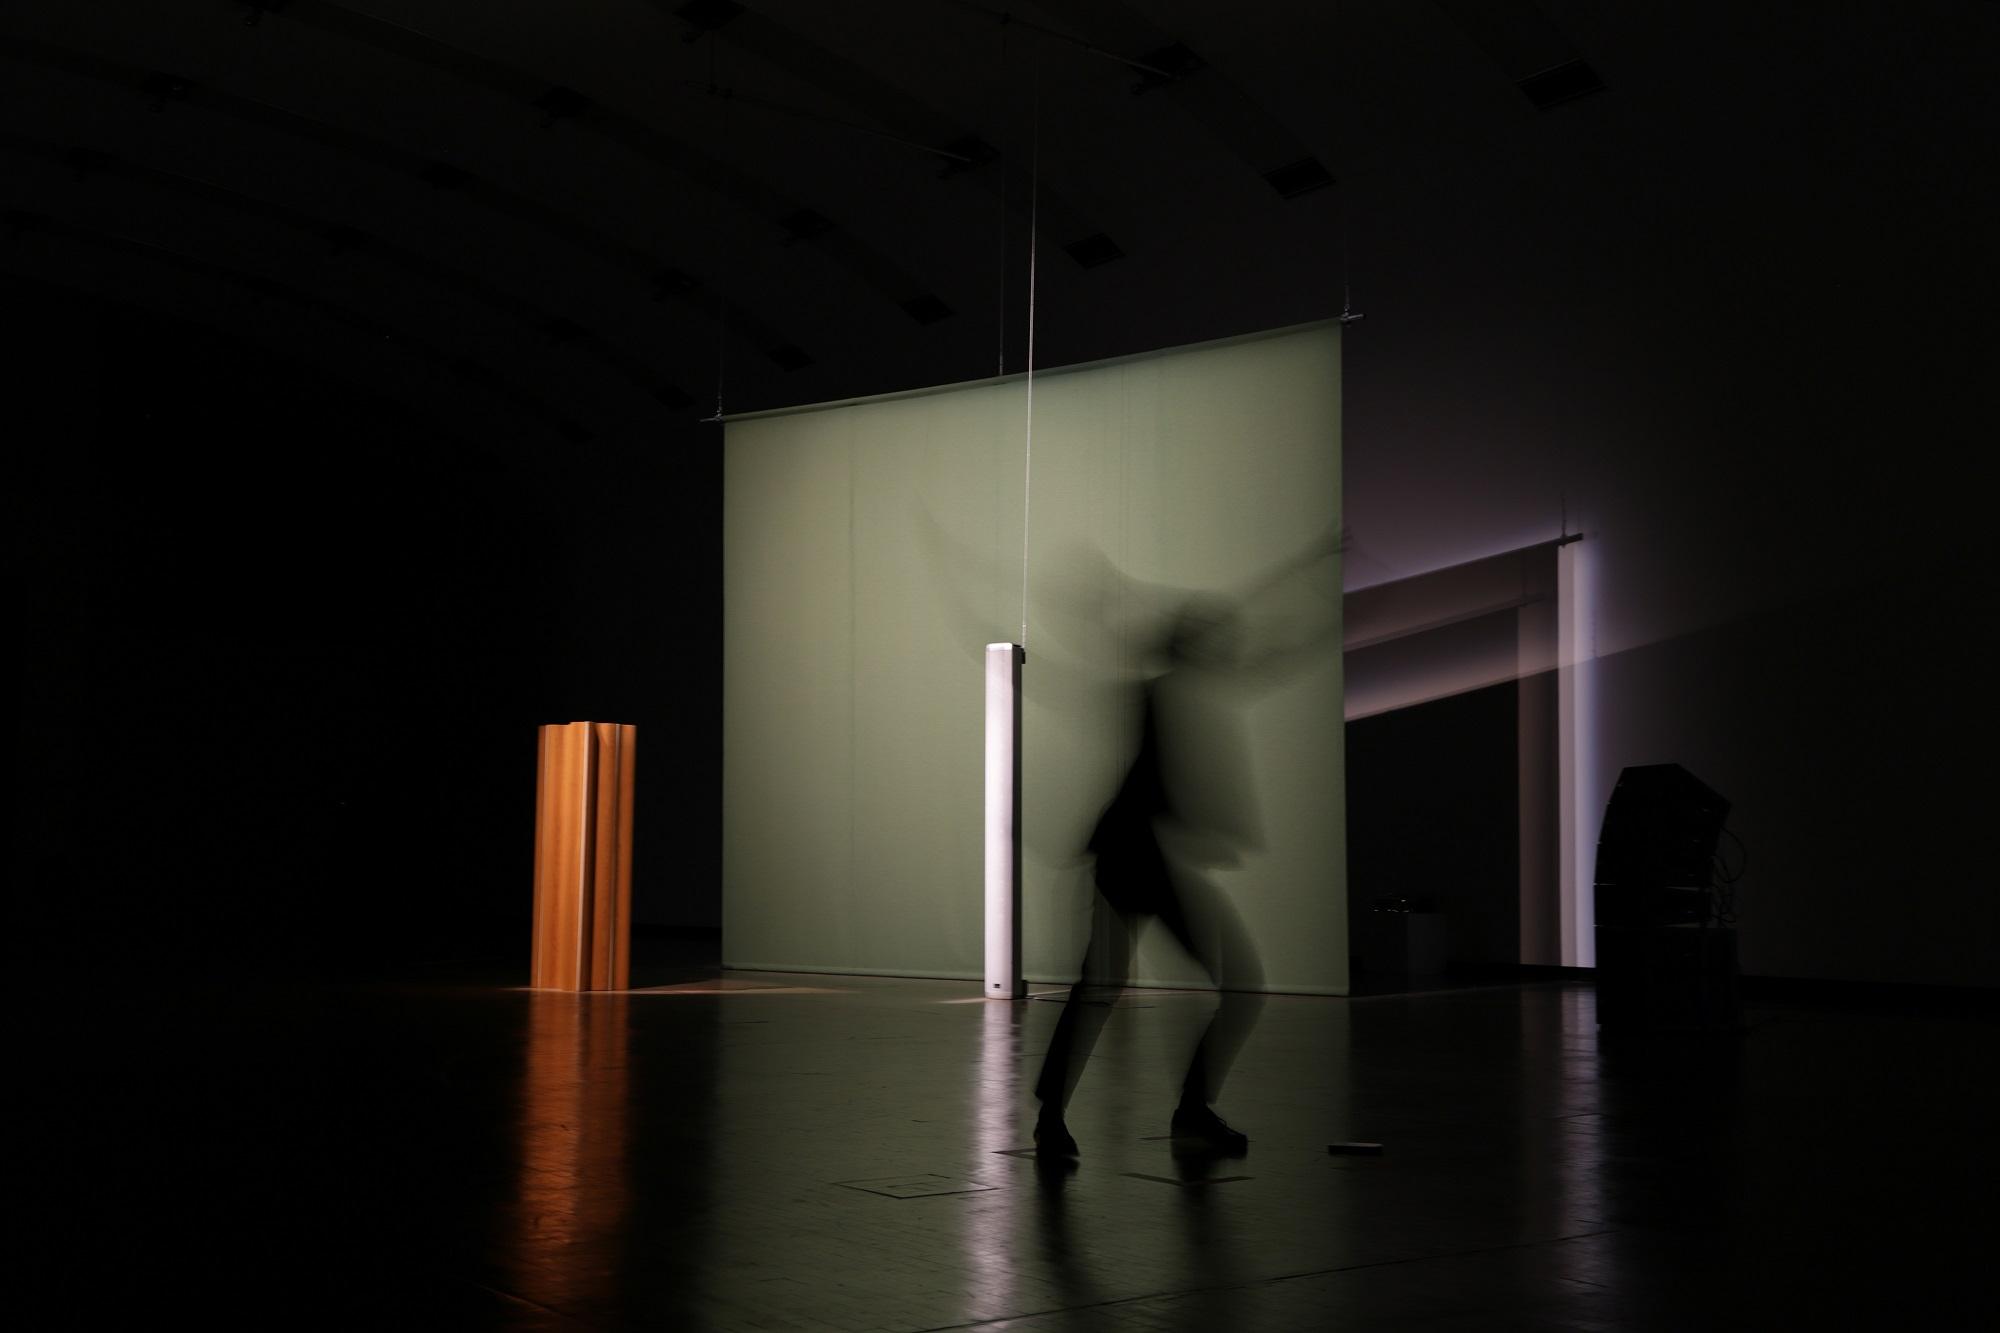 """2018 Kunsthalle Wien """"Workshop im Loop"""" / WS-Leitung und Performance zu Florian Hecker """"Halluzination, Perspektive, Synthese""""/ MAE-Studiengang der MUK Privatuniversität der Stadt Wien"""